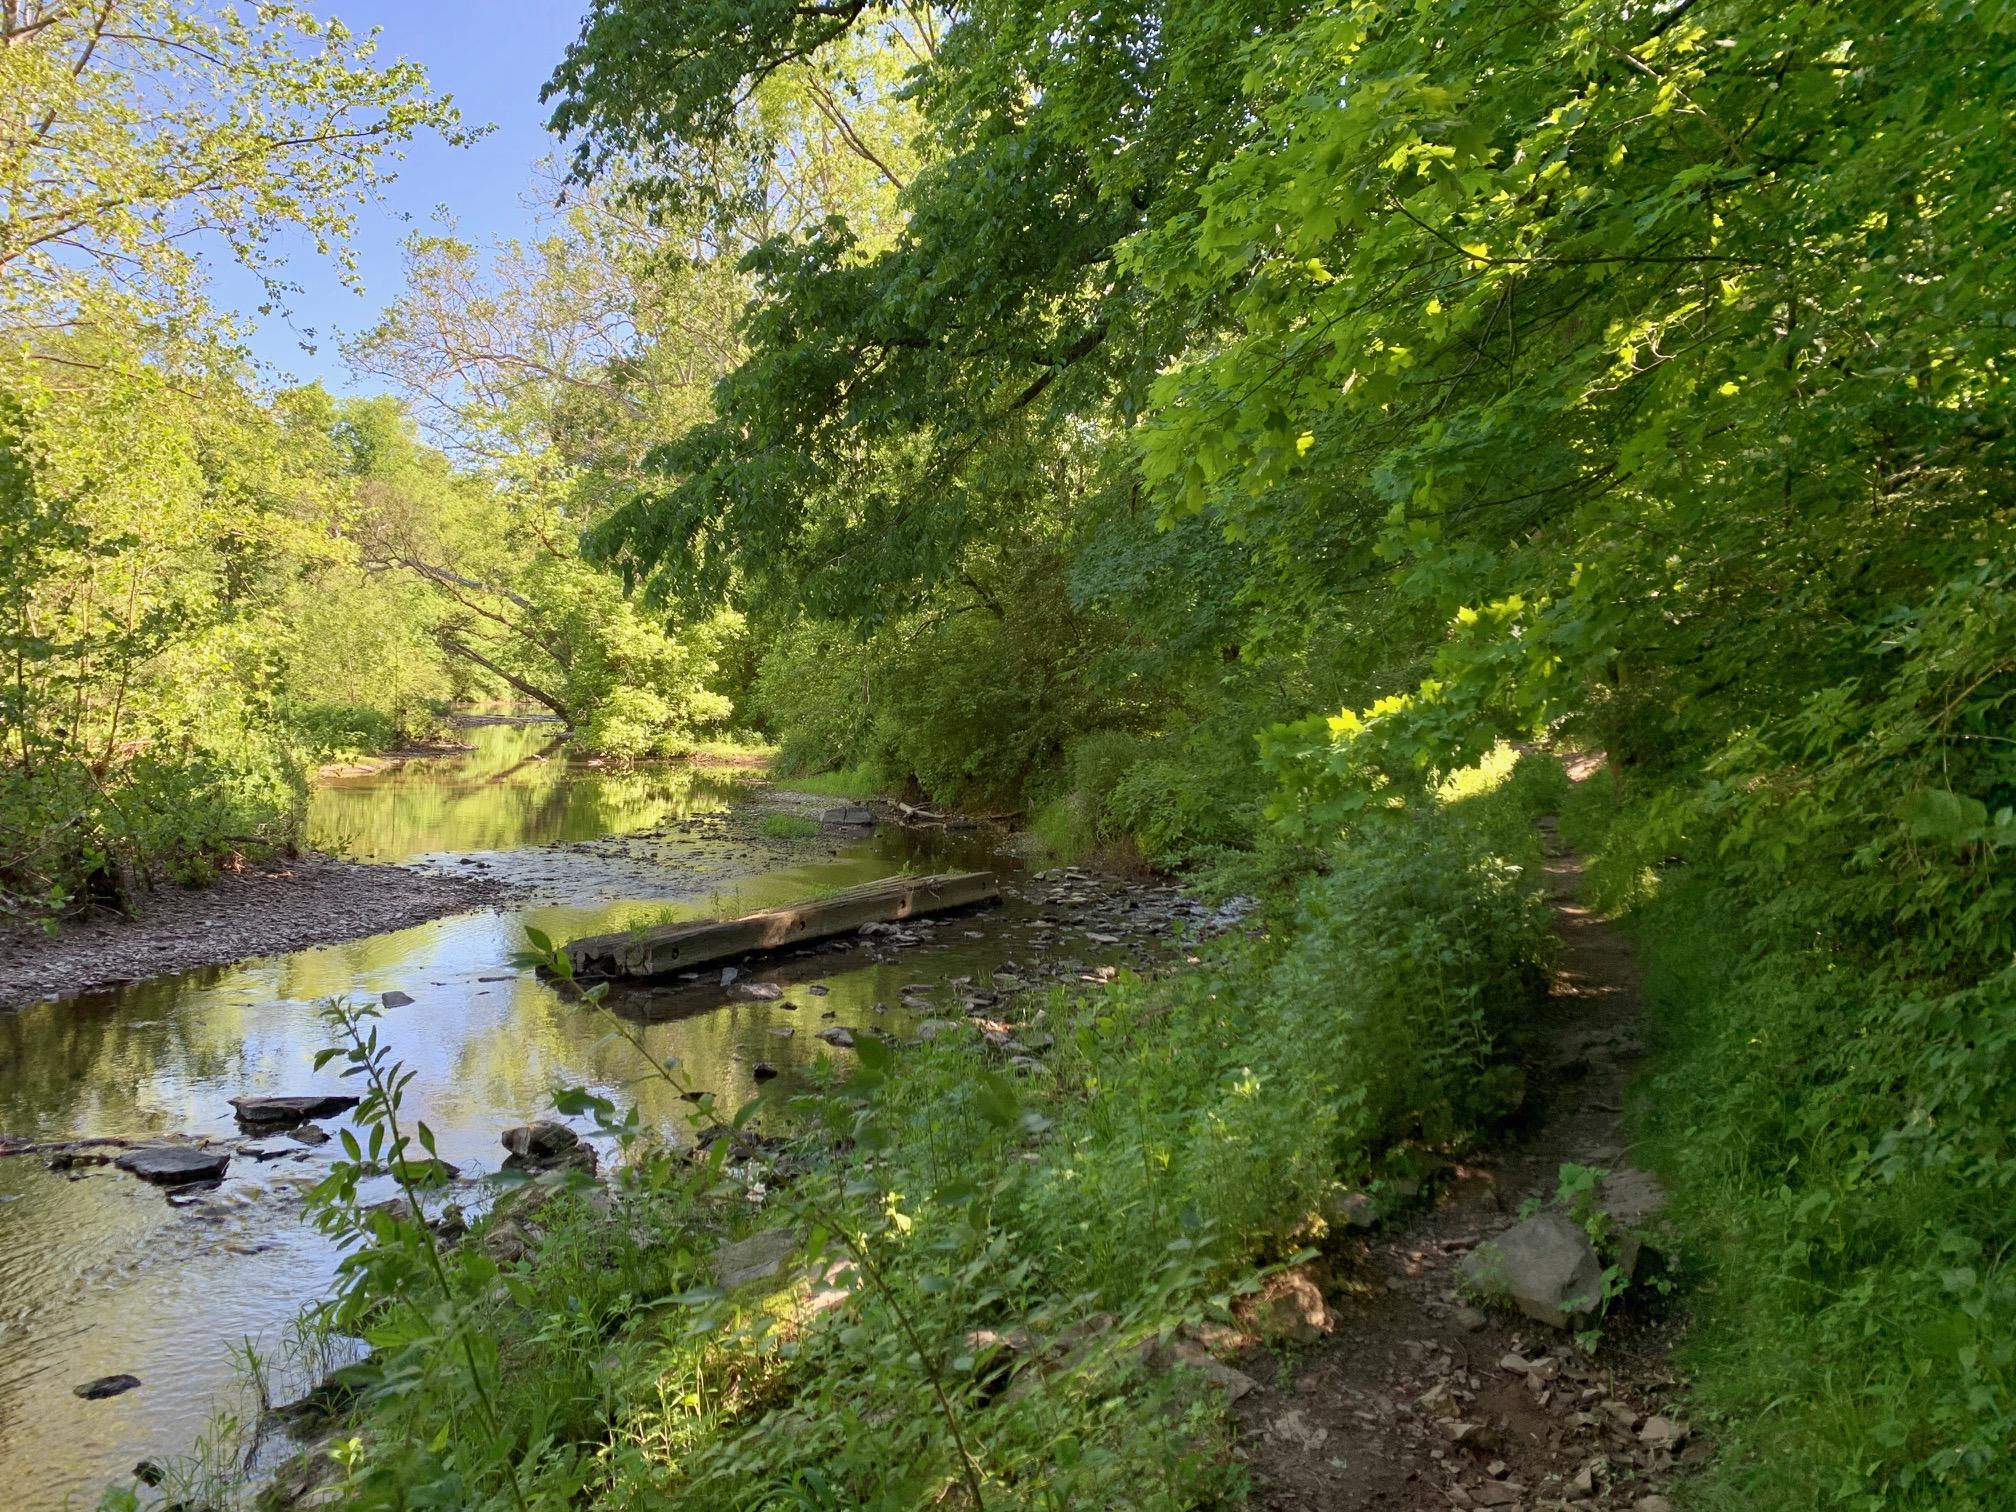 Stony Brook at Greenway Meadows